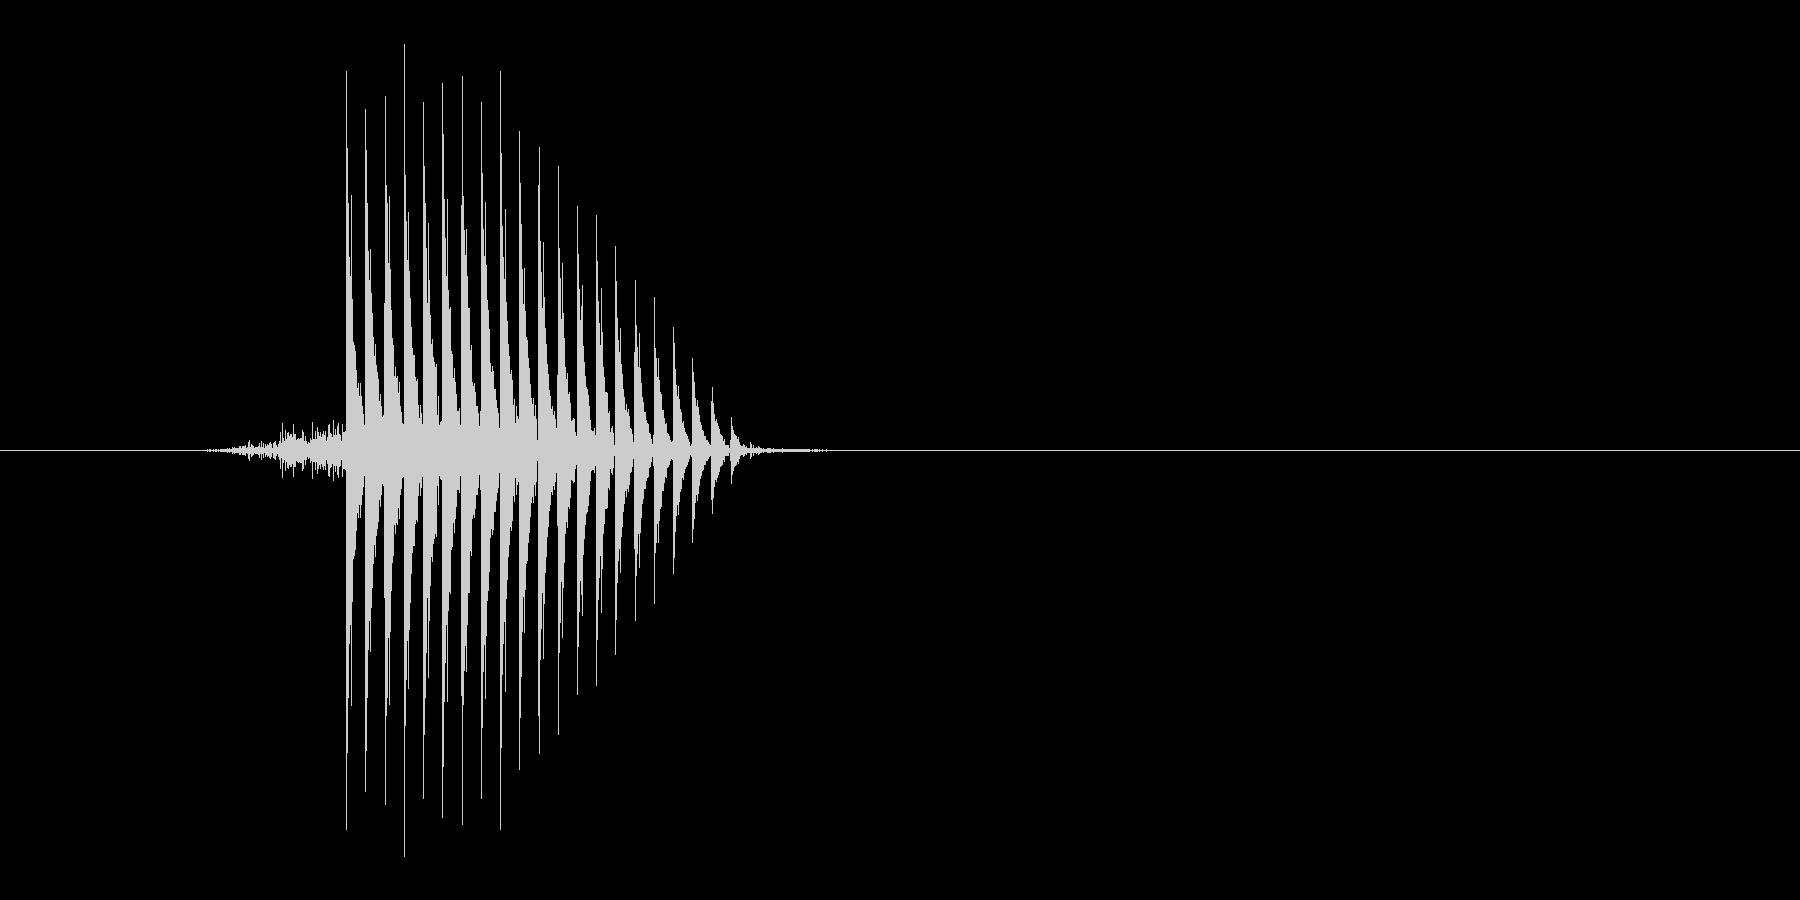 ゲーム(ファミコン風)セレクト音_027の未再生の波形